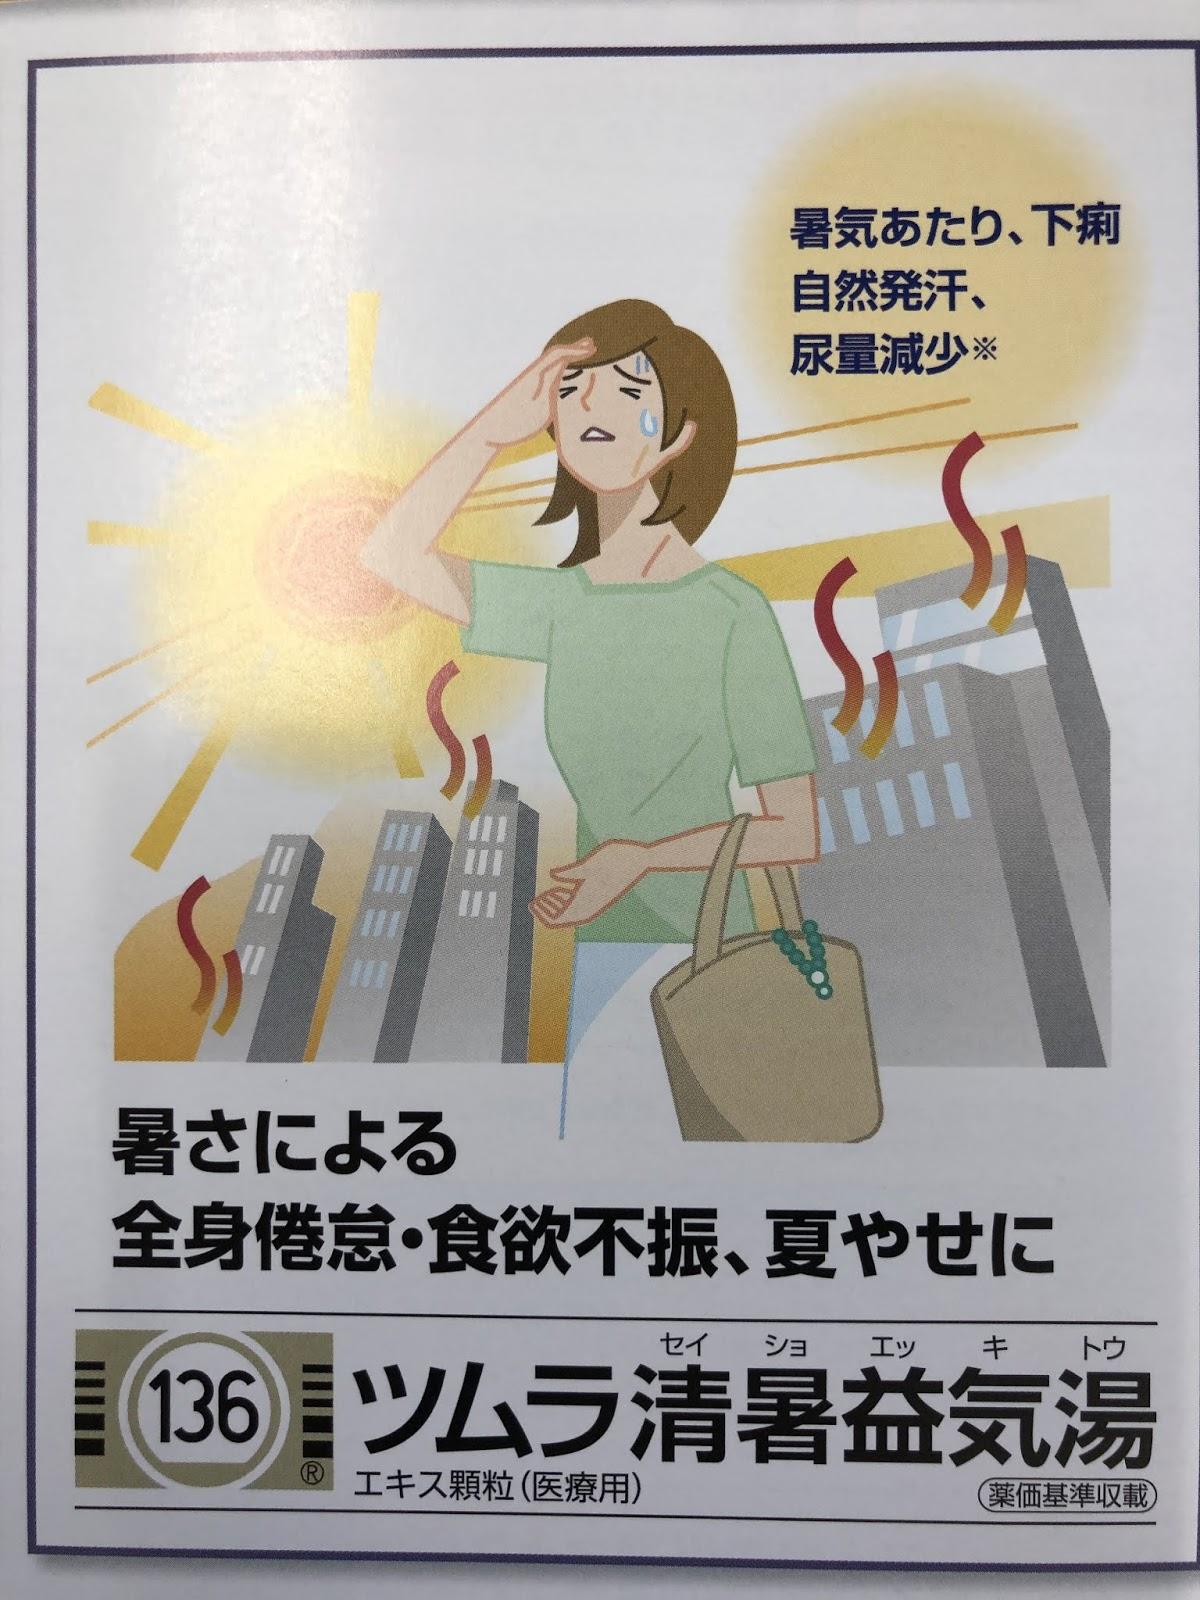 セイ ショ エッ キトウ ツムラ